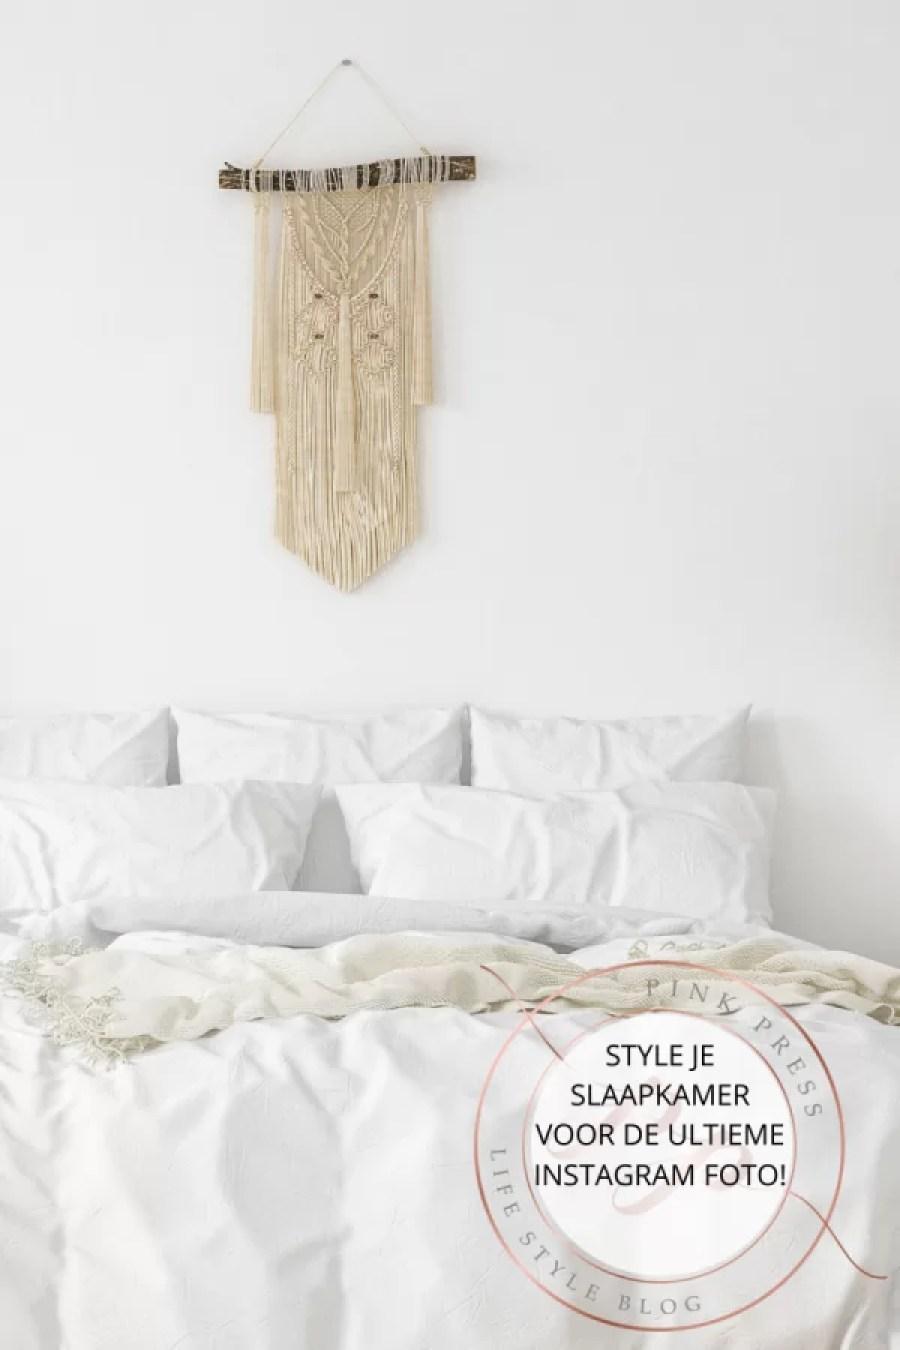 Style je slaapkamer voor de ultieme Instagram foto - Style je slaapkamer voor de ultieme Instagram foto!